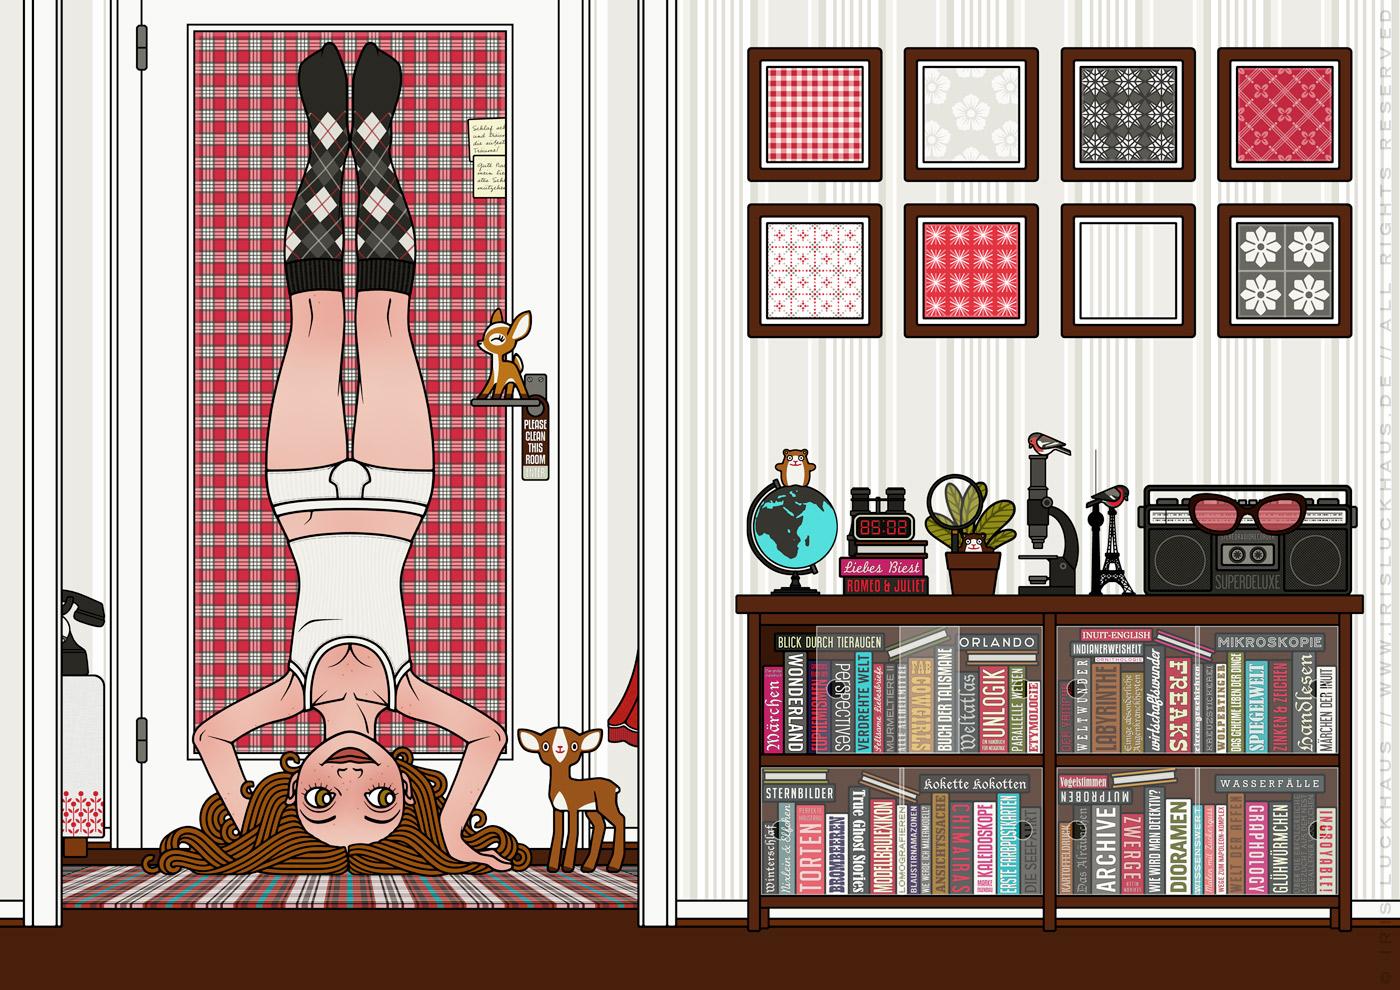 Zeichnung von einem Mädchen, das im Kopfstand den Blinkwinkel oder die Perspektive wechselt, für Lily Lux von Iris Luckhaus